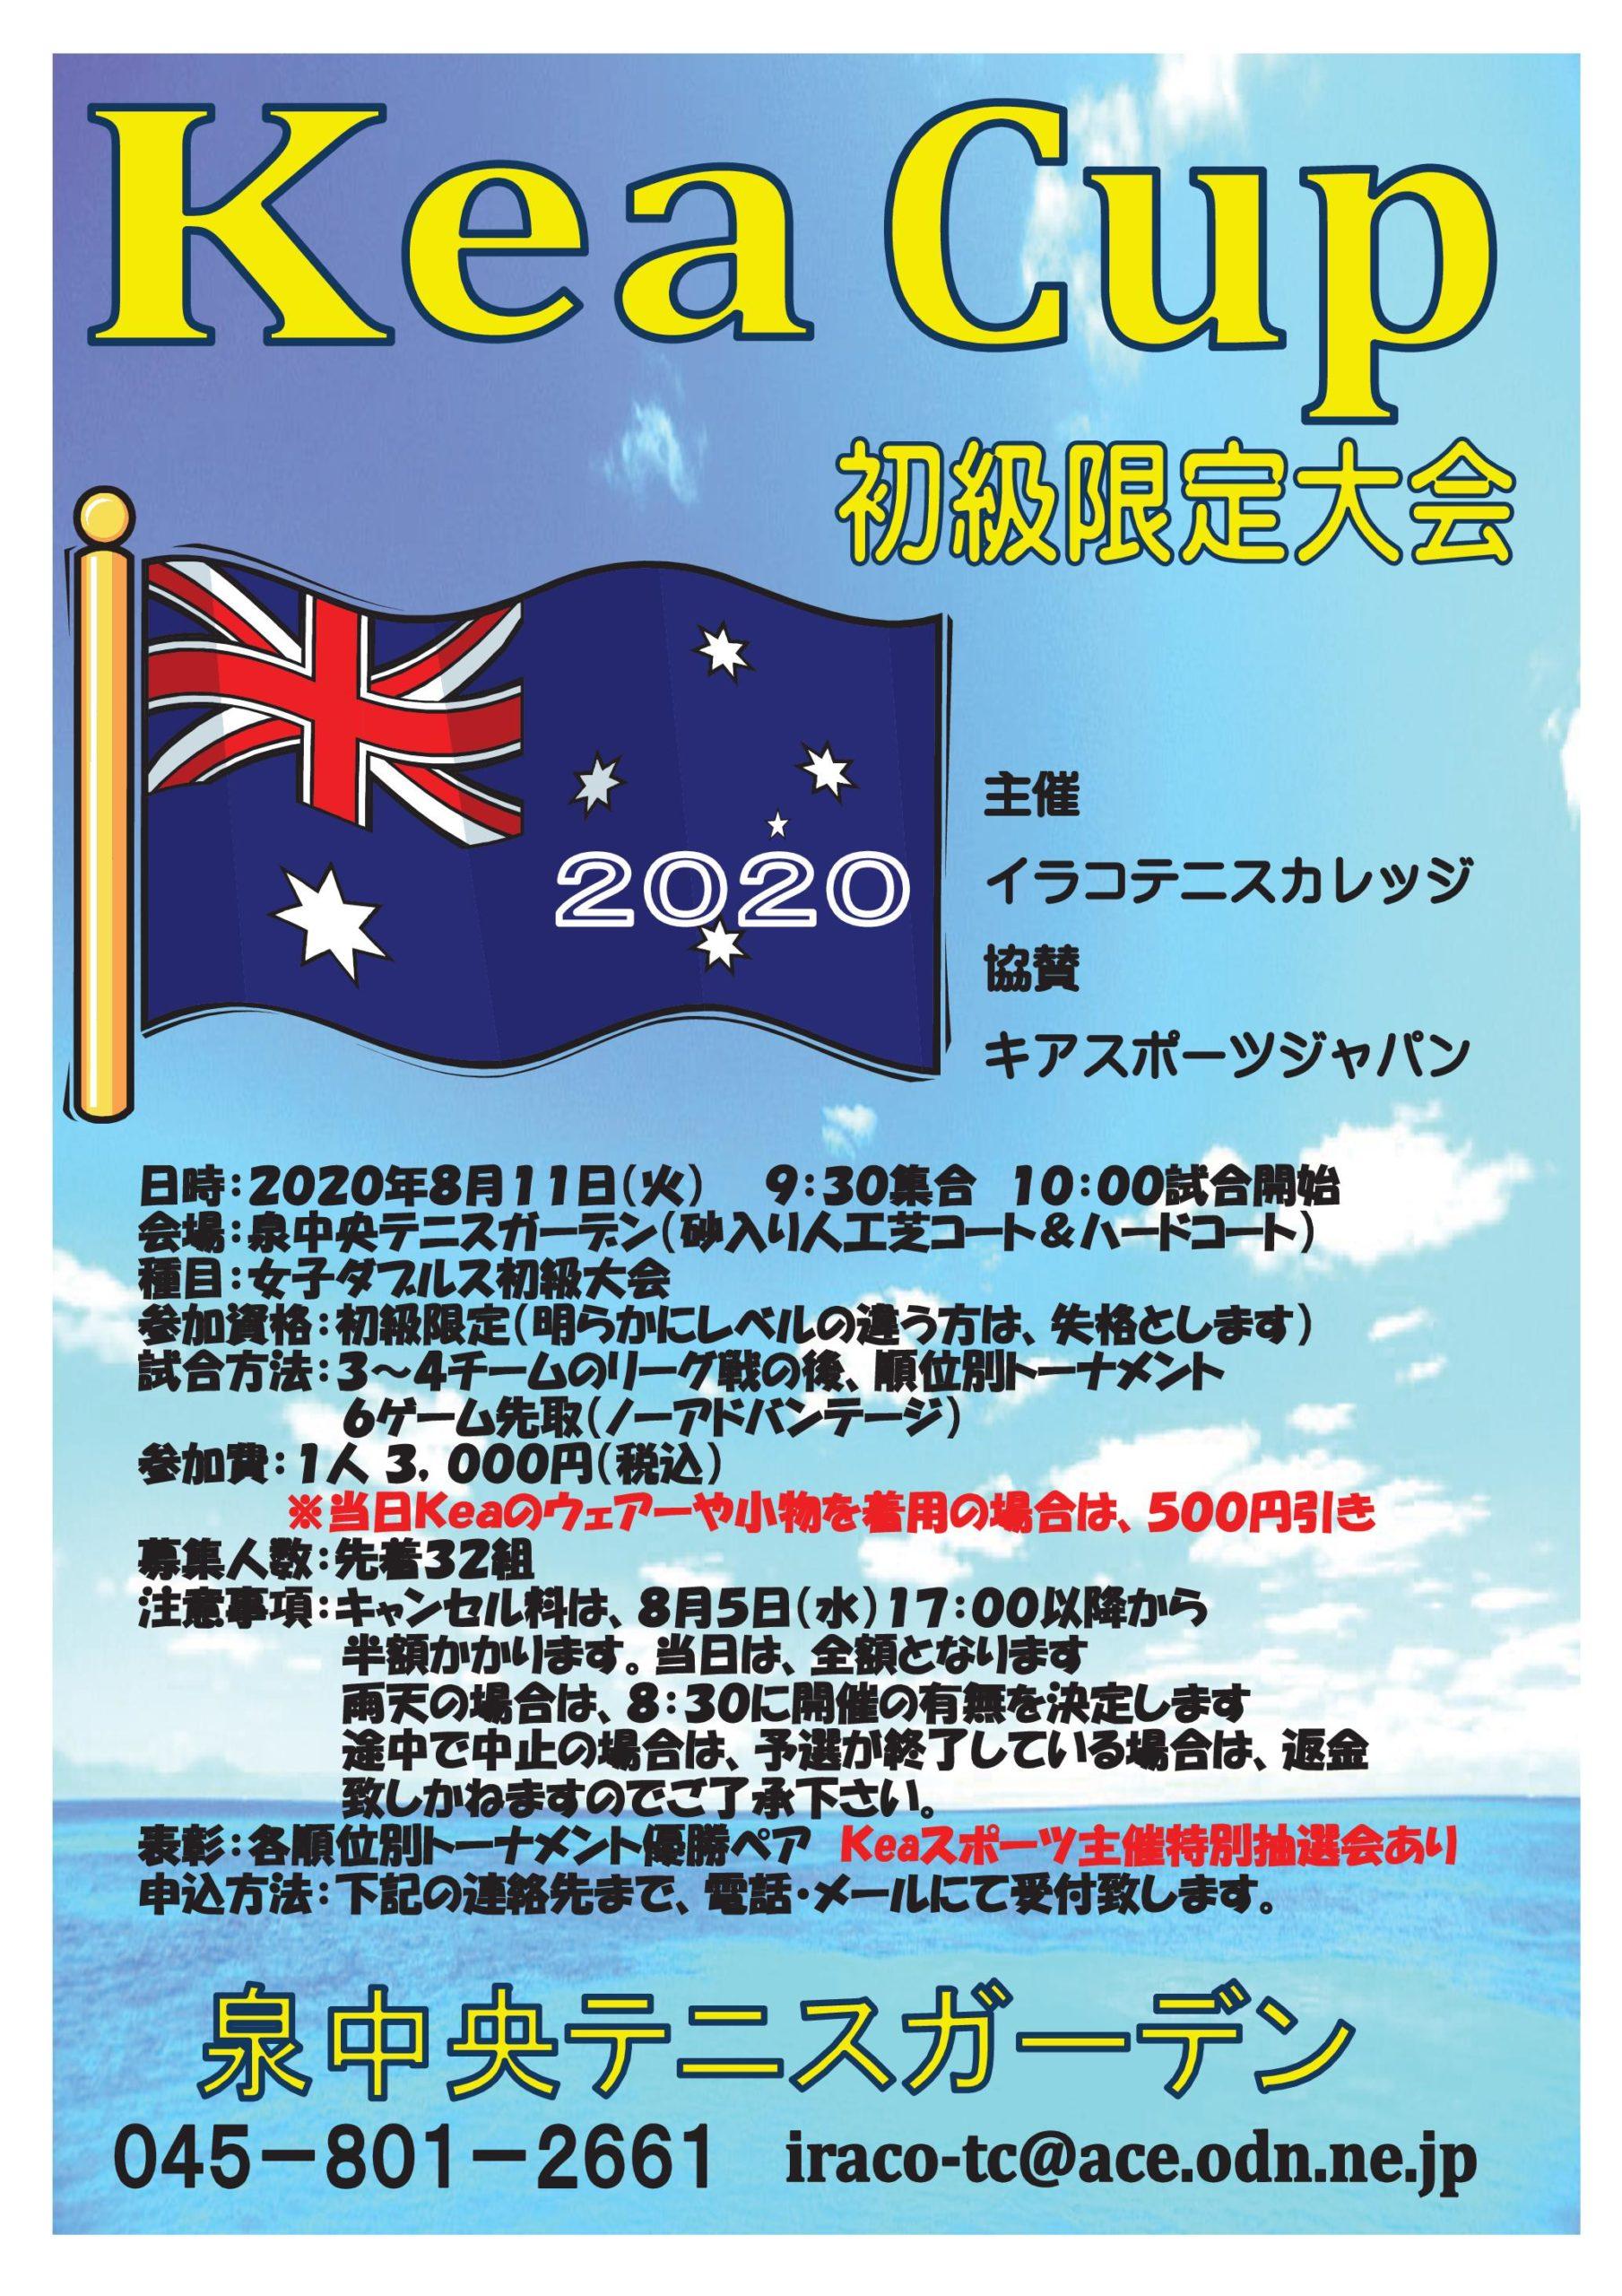 keacup scaled - 2020年8月11日(火)Kea  Cup 初級限定